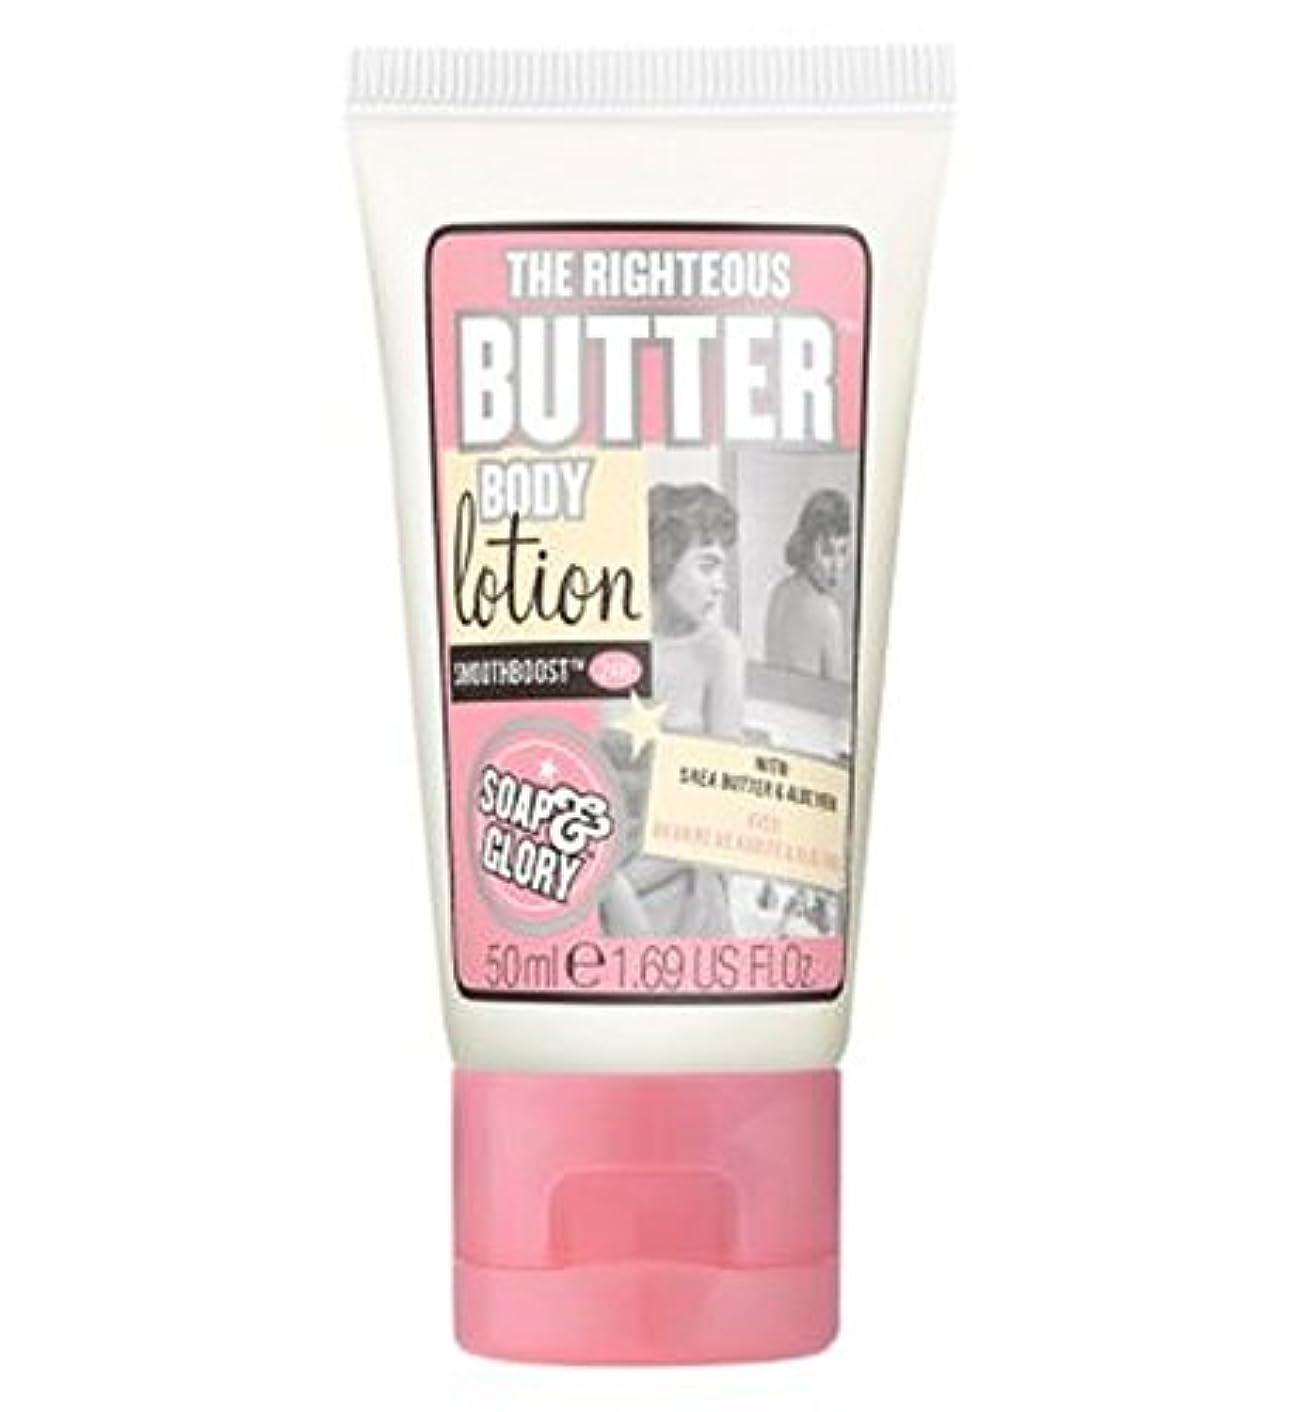 速記我慢するアーチSoap & Glory The Righteous Butter Lotion 50ml - 石鹸&栄光正義のバターローション50ミリリットル (Soap & Glory) [並行輸入品]